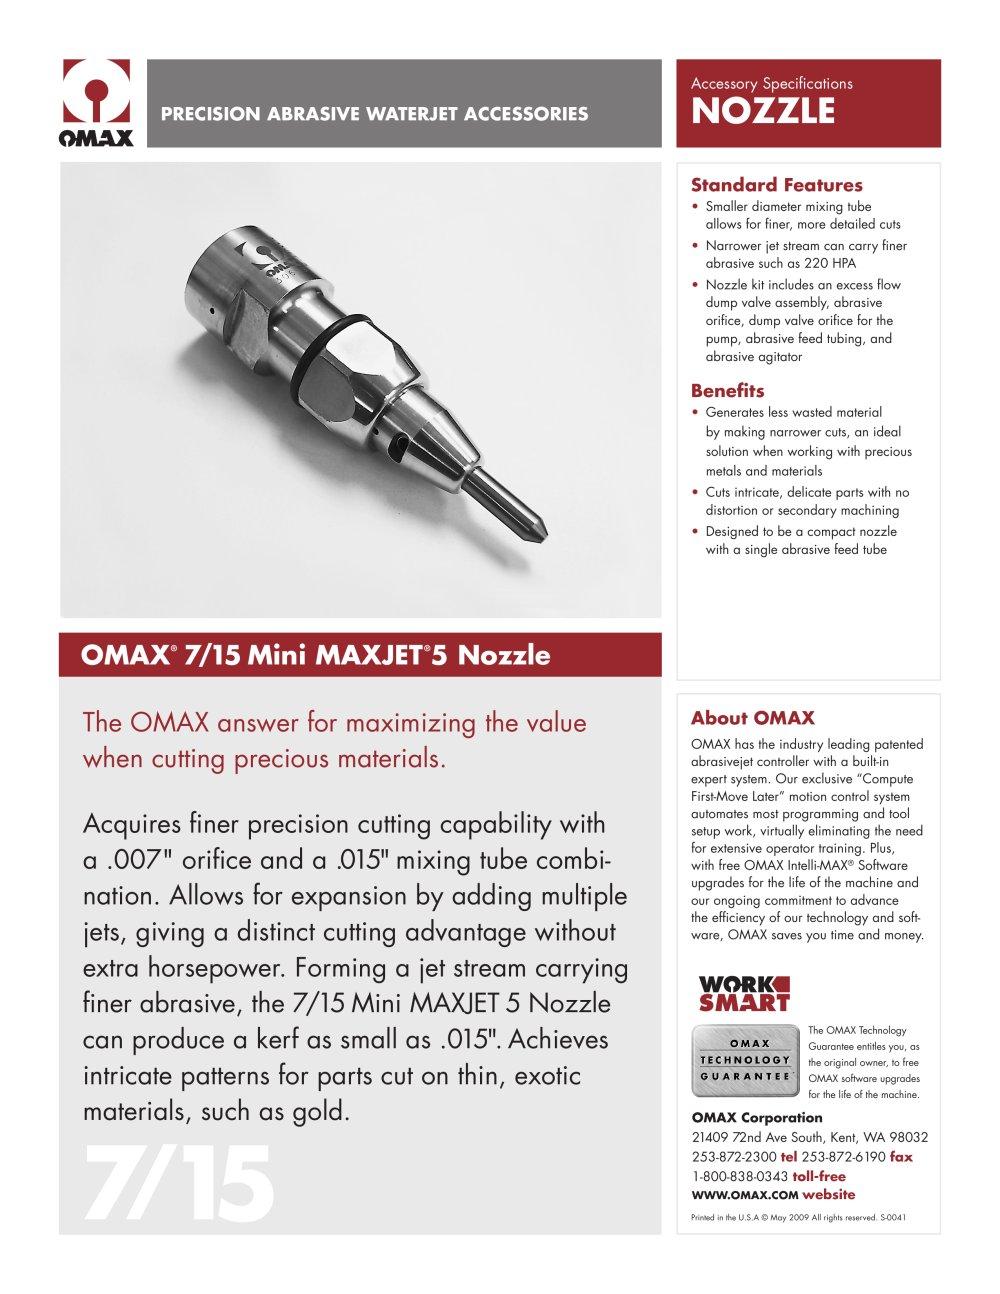 OMAX® 7/15 Mini Maxjet®5 Nozzle - 1 / 1 Pages